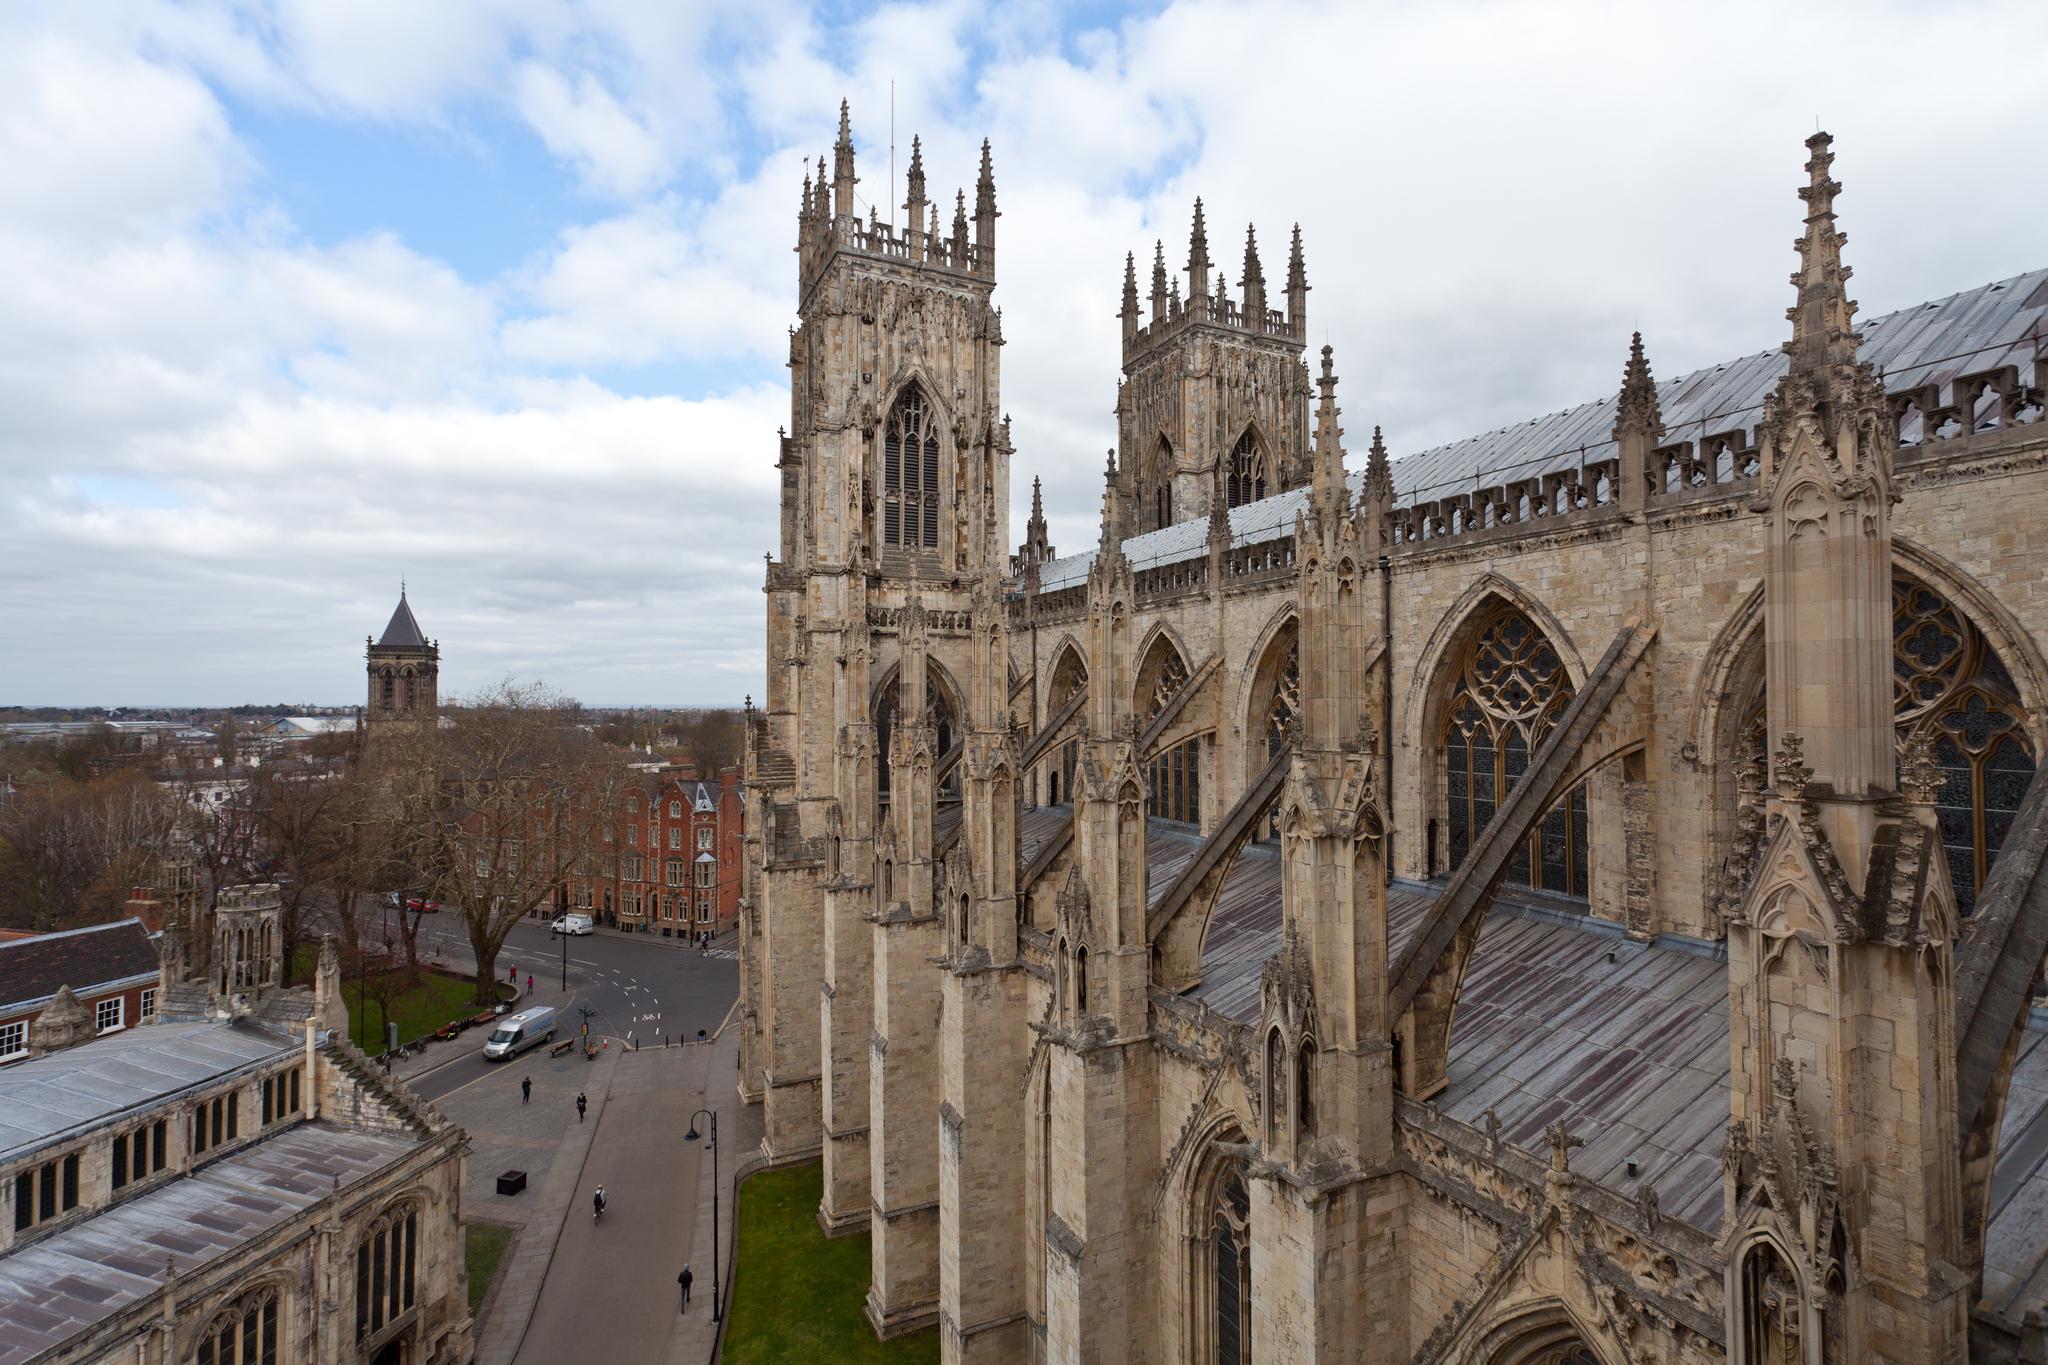 영국 요크 대성당은 13세기 요크셔 지방의 마그네시안 석회석으로 건축했다. 영국식 고딕 건축의 절창으로 불린다. 최승표 기자